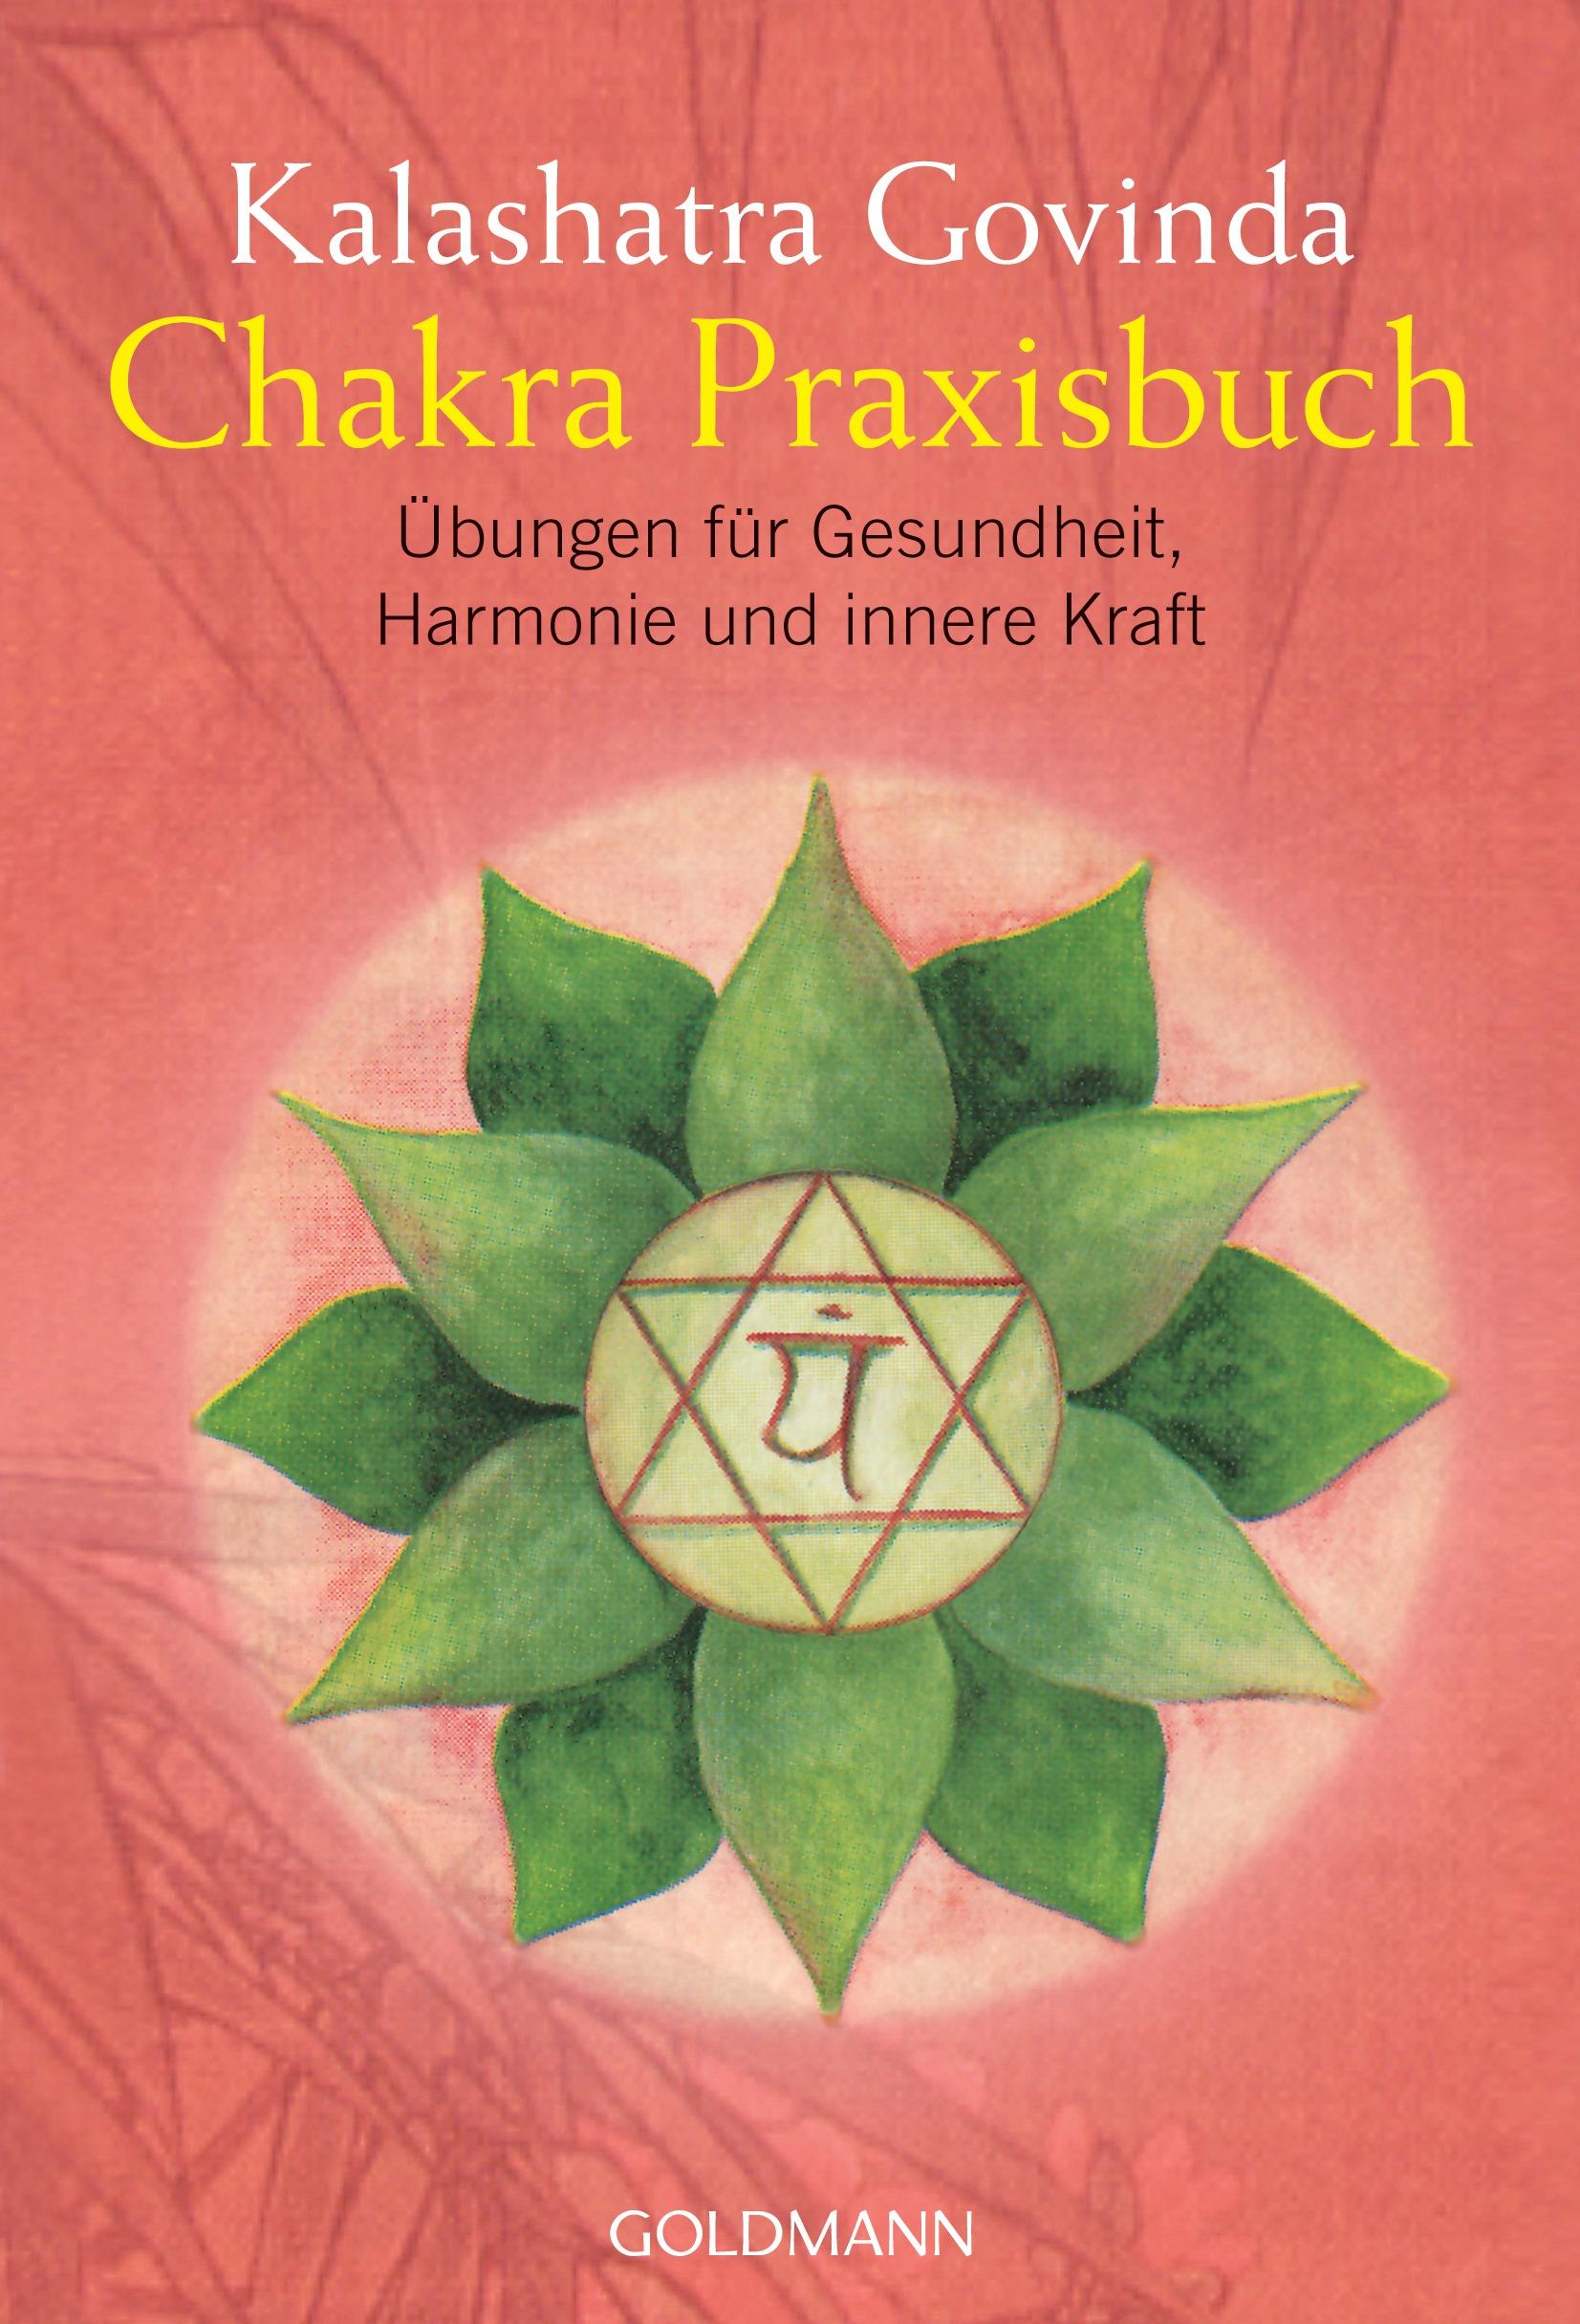 Chakra Praxisbuch: Übungen für Gesundheit, Harmonie und innere Kraft - Kalashatra Govinda